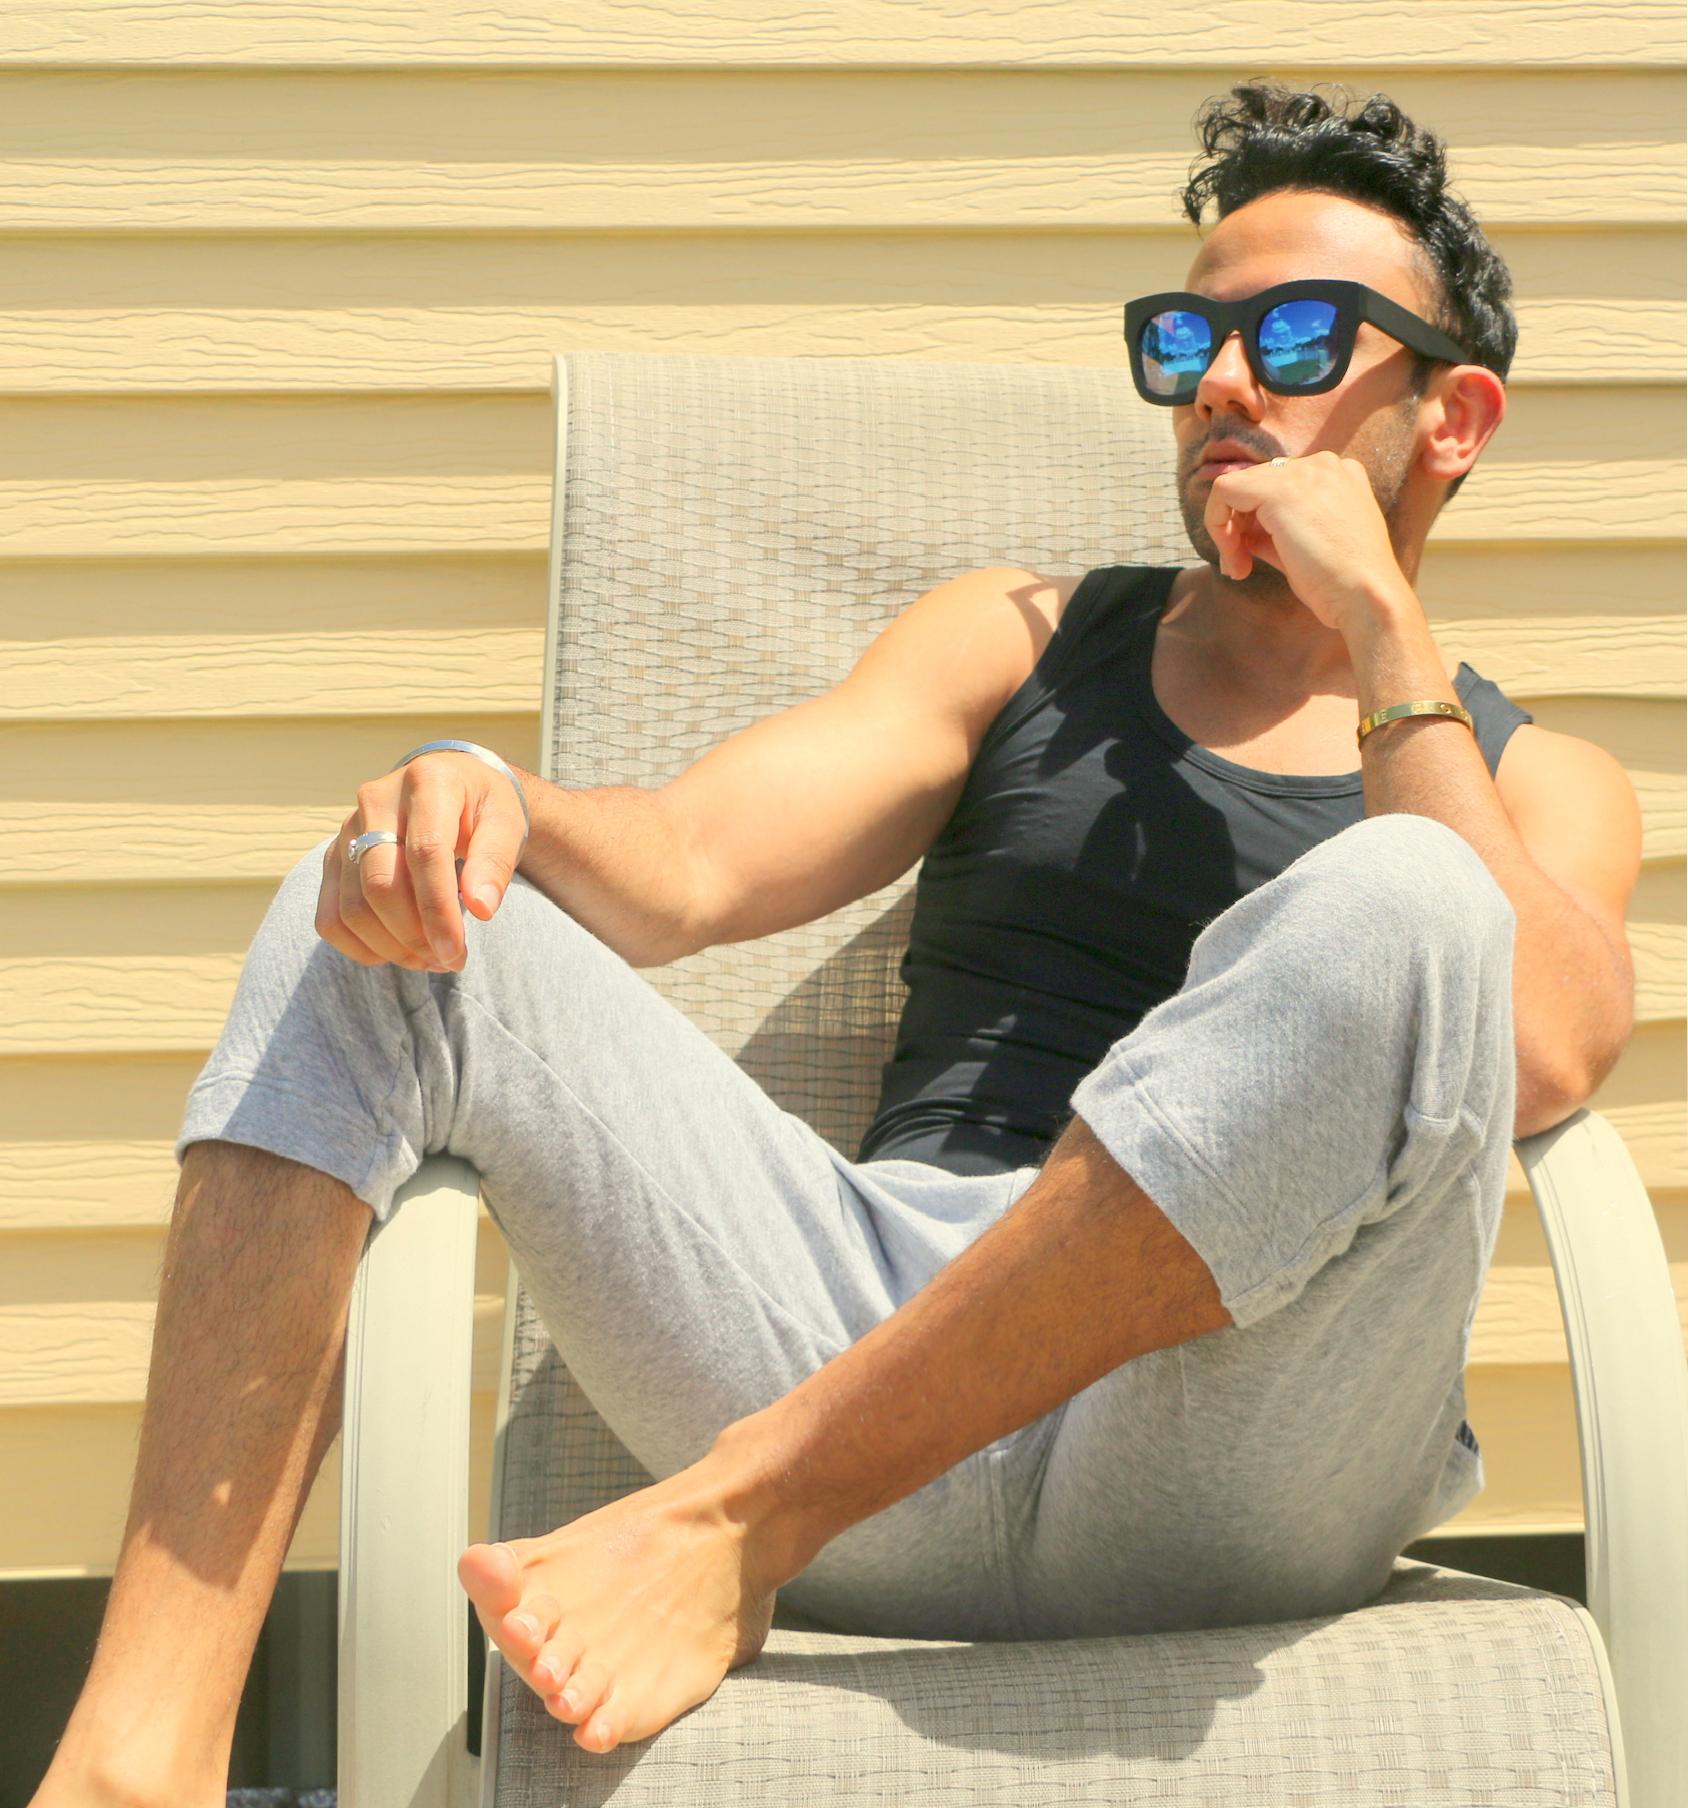 4692d5ce0bb menswear editorial mens fashion tani underwear fitness sunglasses  loungewear  sssourabh